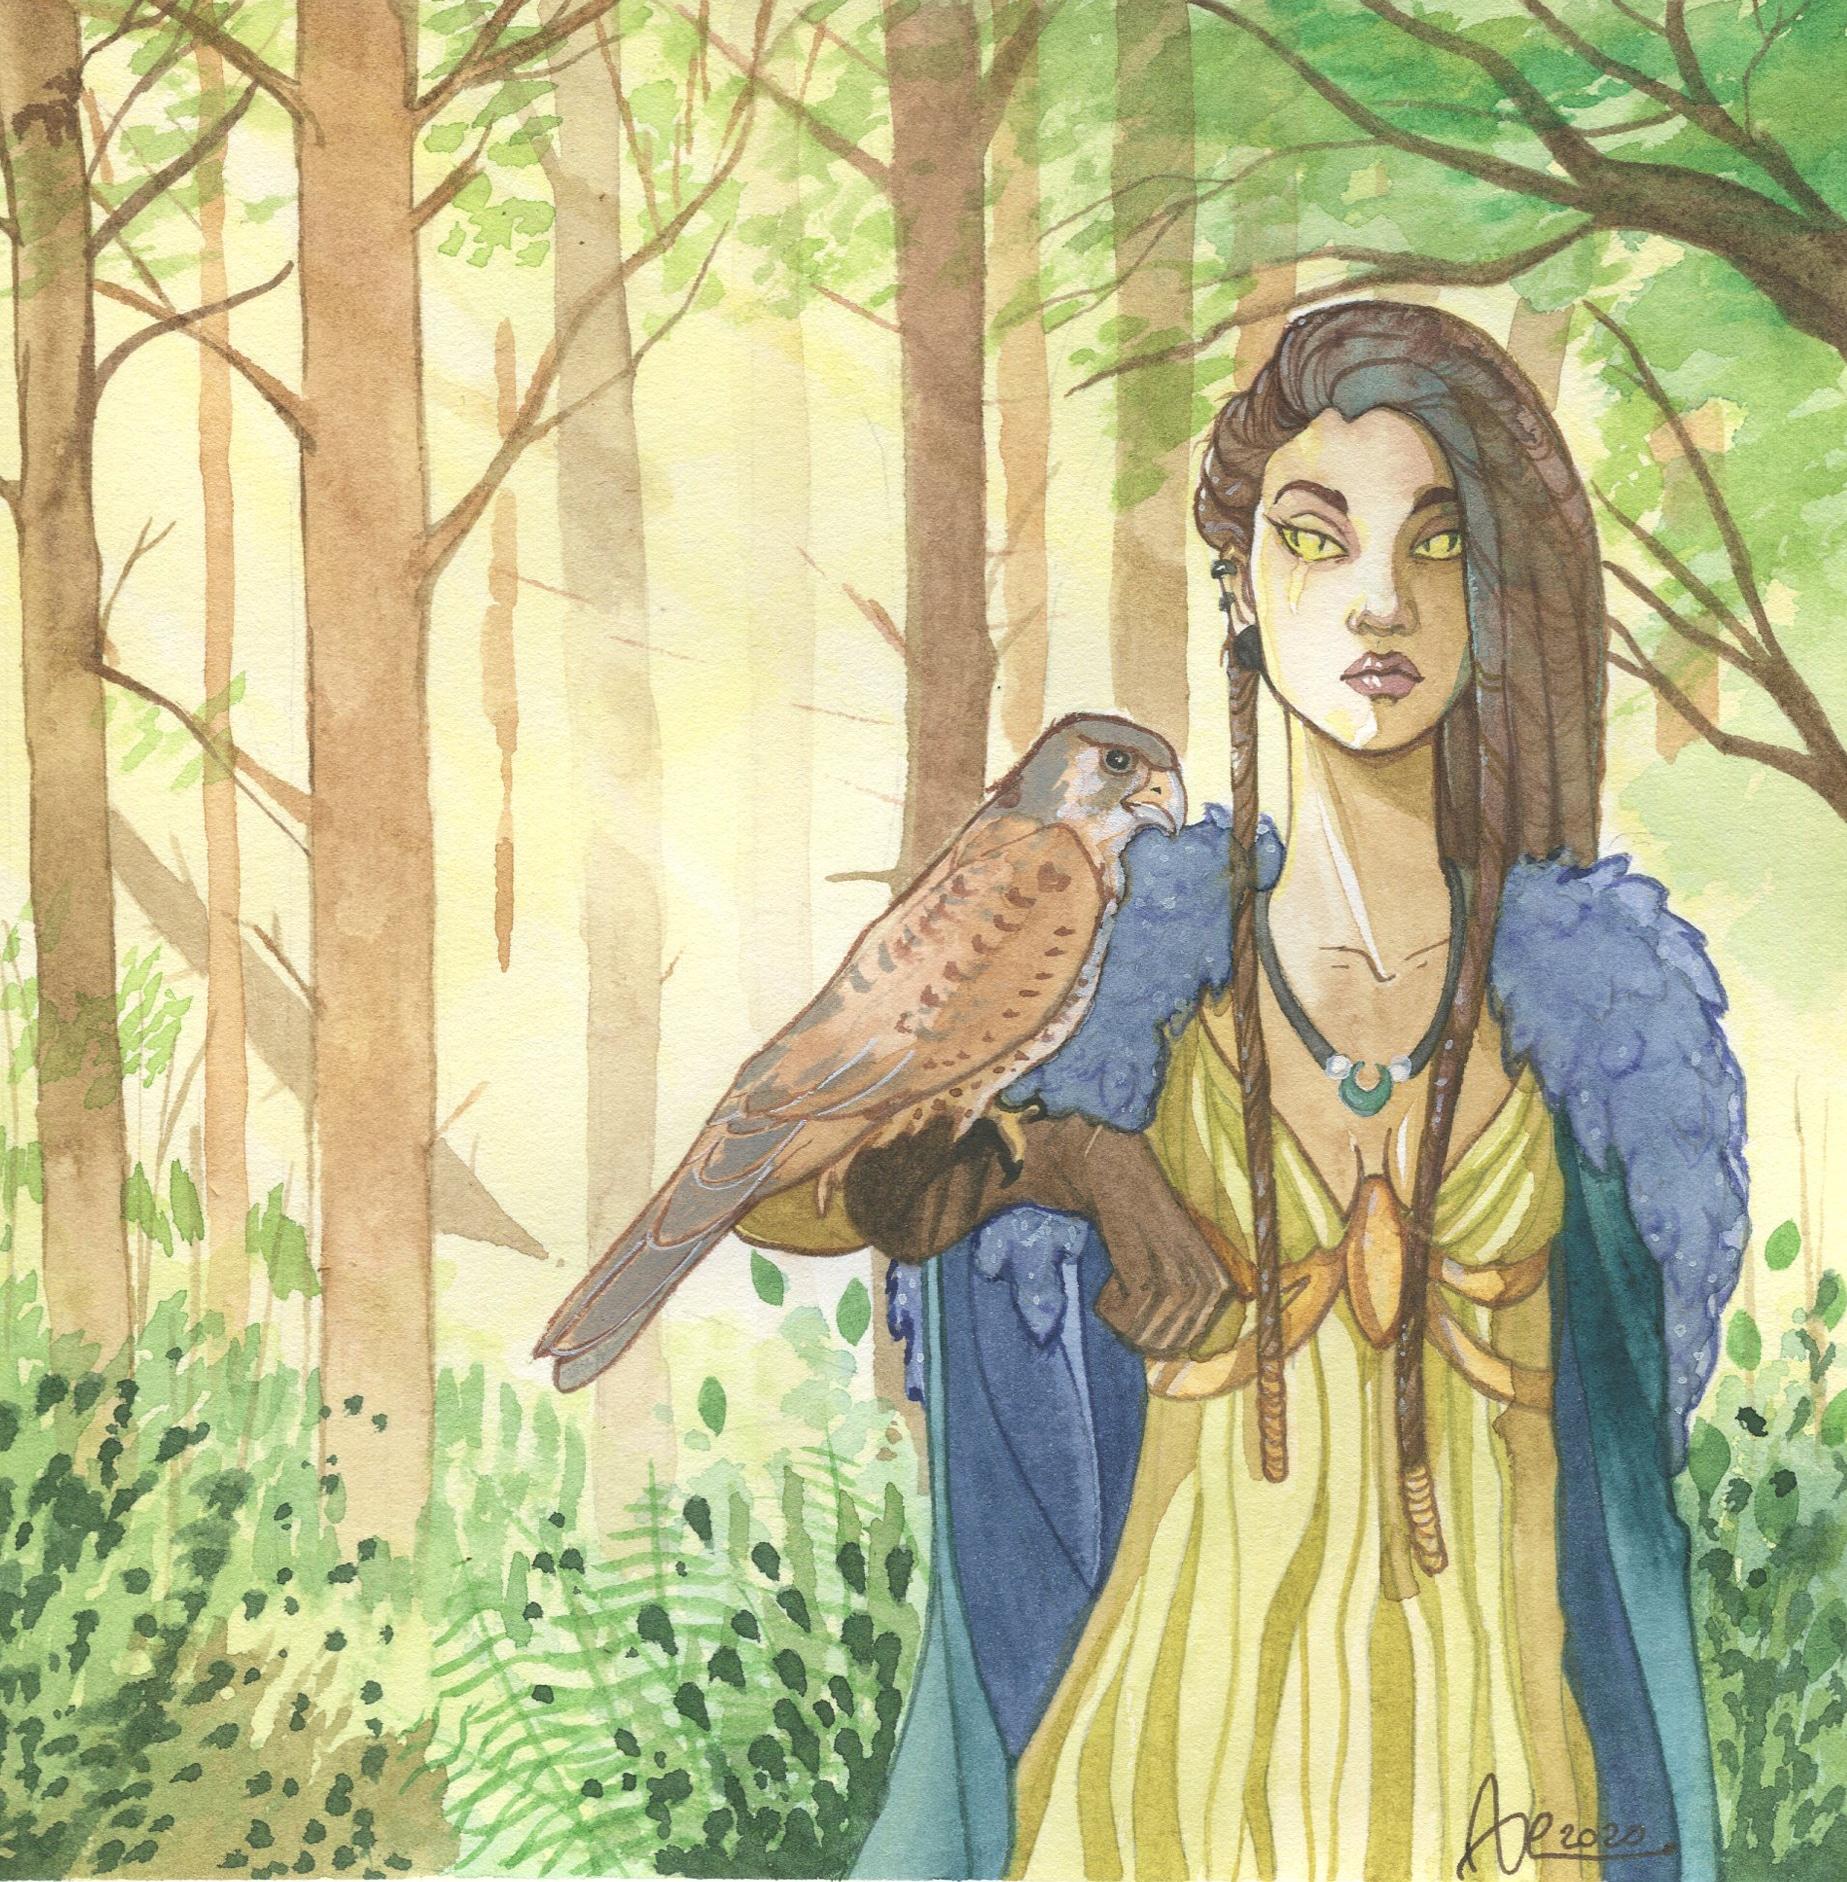 Sentinelle - femme et faucon dans la forêt